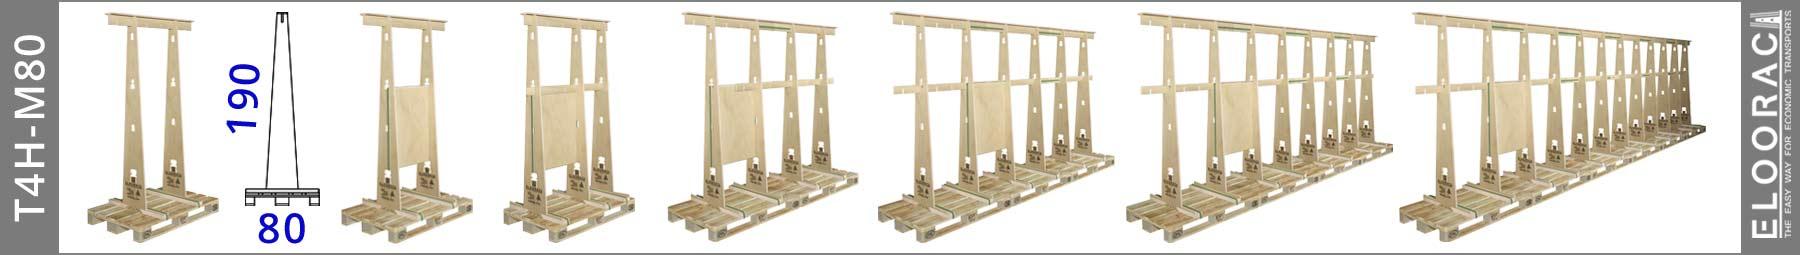 Abbildung von verschiedenen Eloorac Transportgestellen vom Typ T4H-M80. Auch ist gut zu erkennen das mit Eloorac Produkten eine enorme die Variationsvielfalt erreicht werden kann. Diese Gestelle sind ebenso für Fenster, Haustüren Fassadenelementen oder z.B. dem Messebau geeignet. Aber auch in der Glasbranche werden die T4H-M80 Gestelle eingesetzt. Grund dafür ist die schmale Auflagefläche für die Produkte